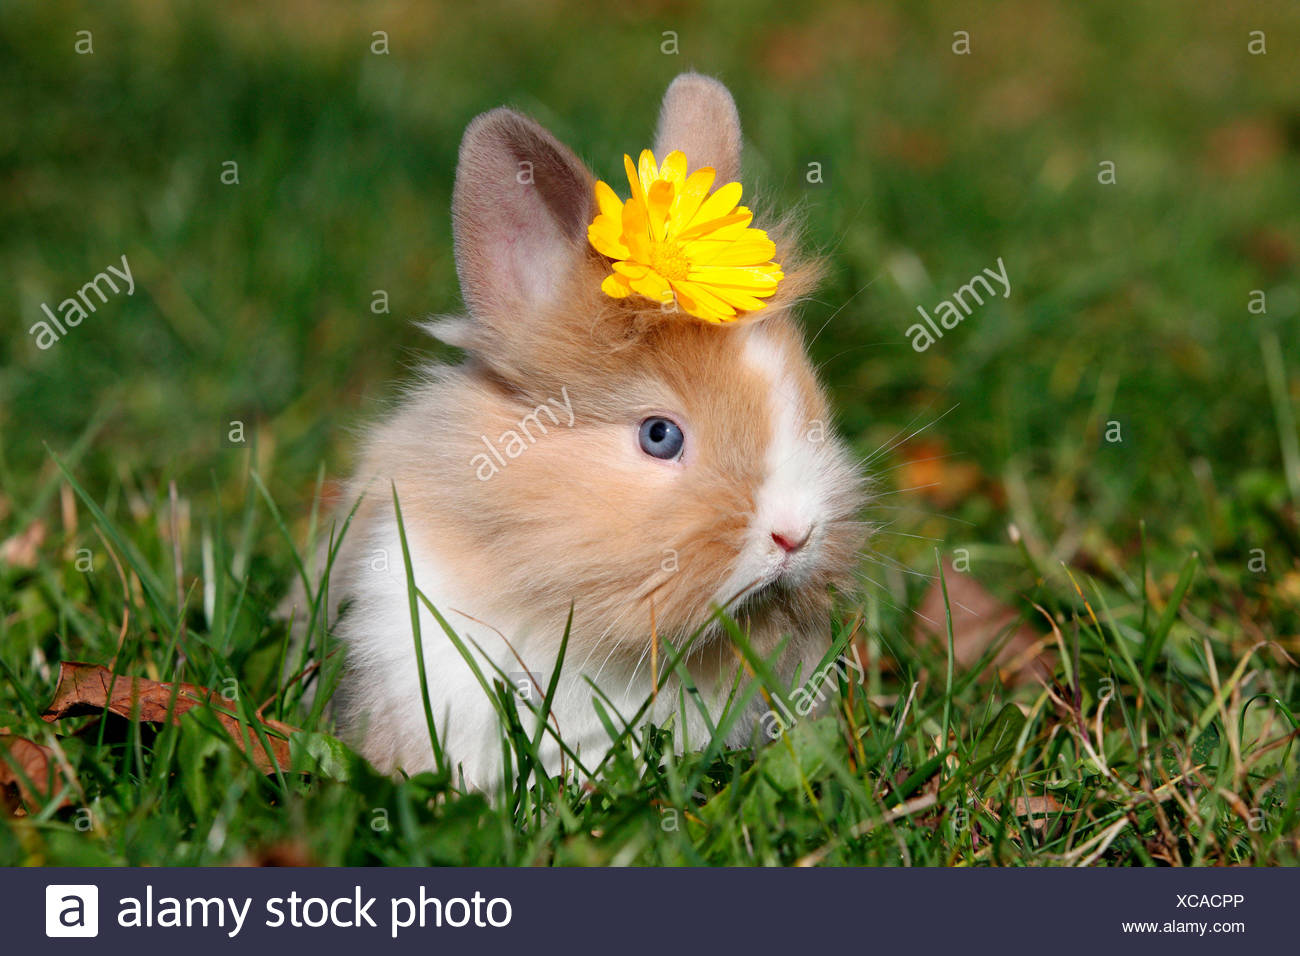 Löwenköpfige Zwerg Kaninchen. Junge sitzt auf einer Wiese, eine gelbe Blume auf dem Kopf tragen. Deutschland Stockfoto